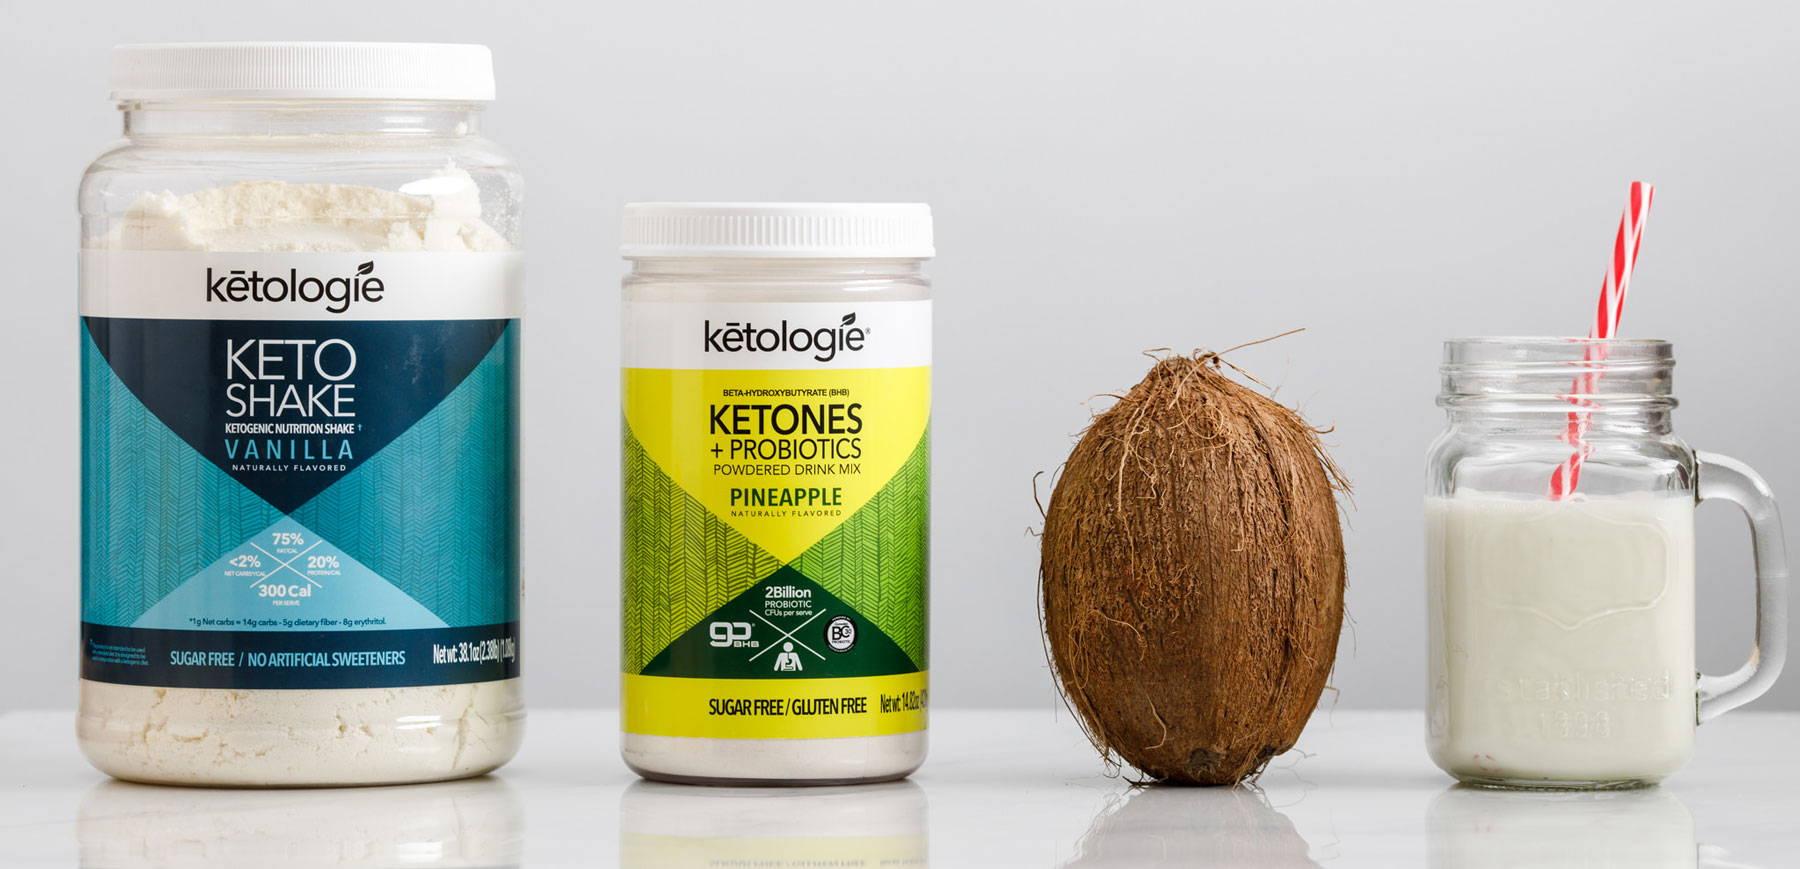 Shakes & Ketones